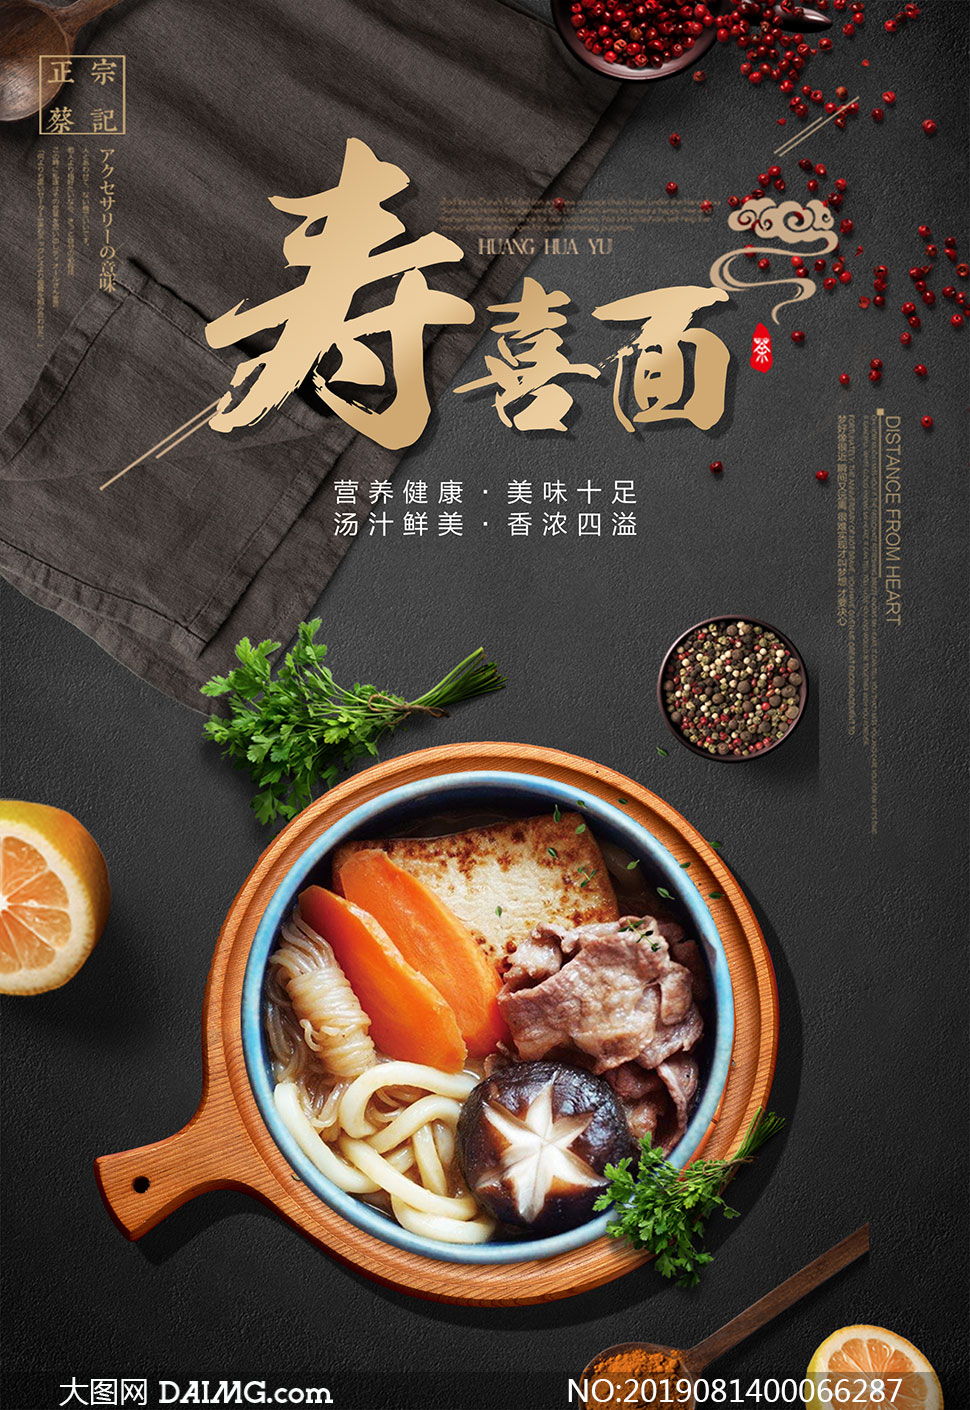 寿喜面美食宣传海报设计PSD素材